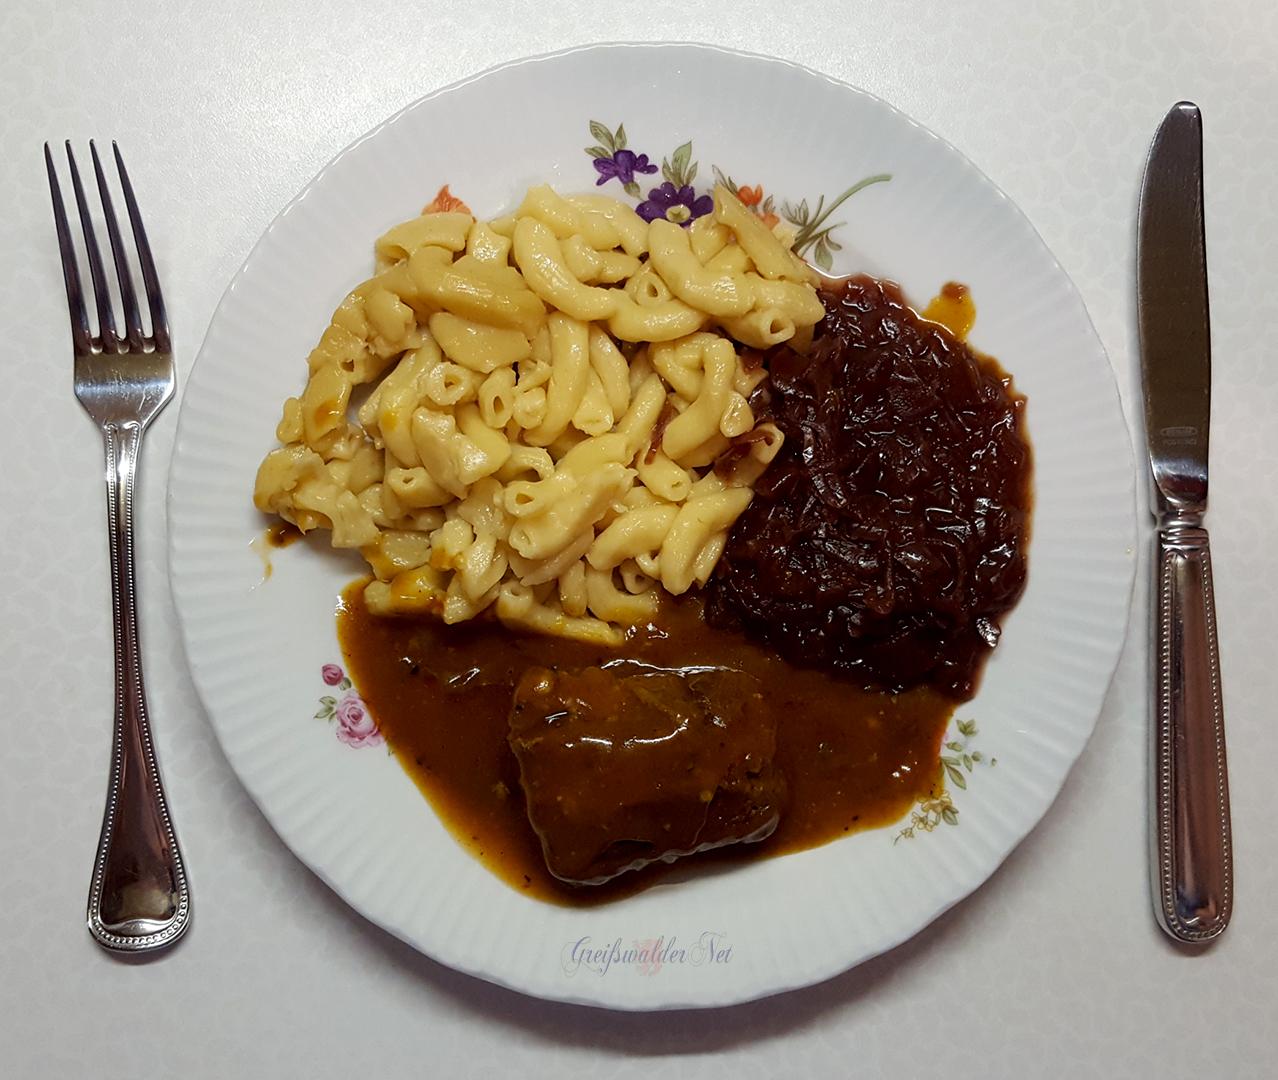 Rinderroulade in herzhafter Sauce mit Nudeln und Apfelrotkohl